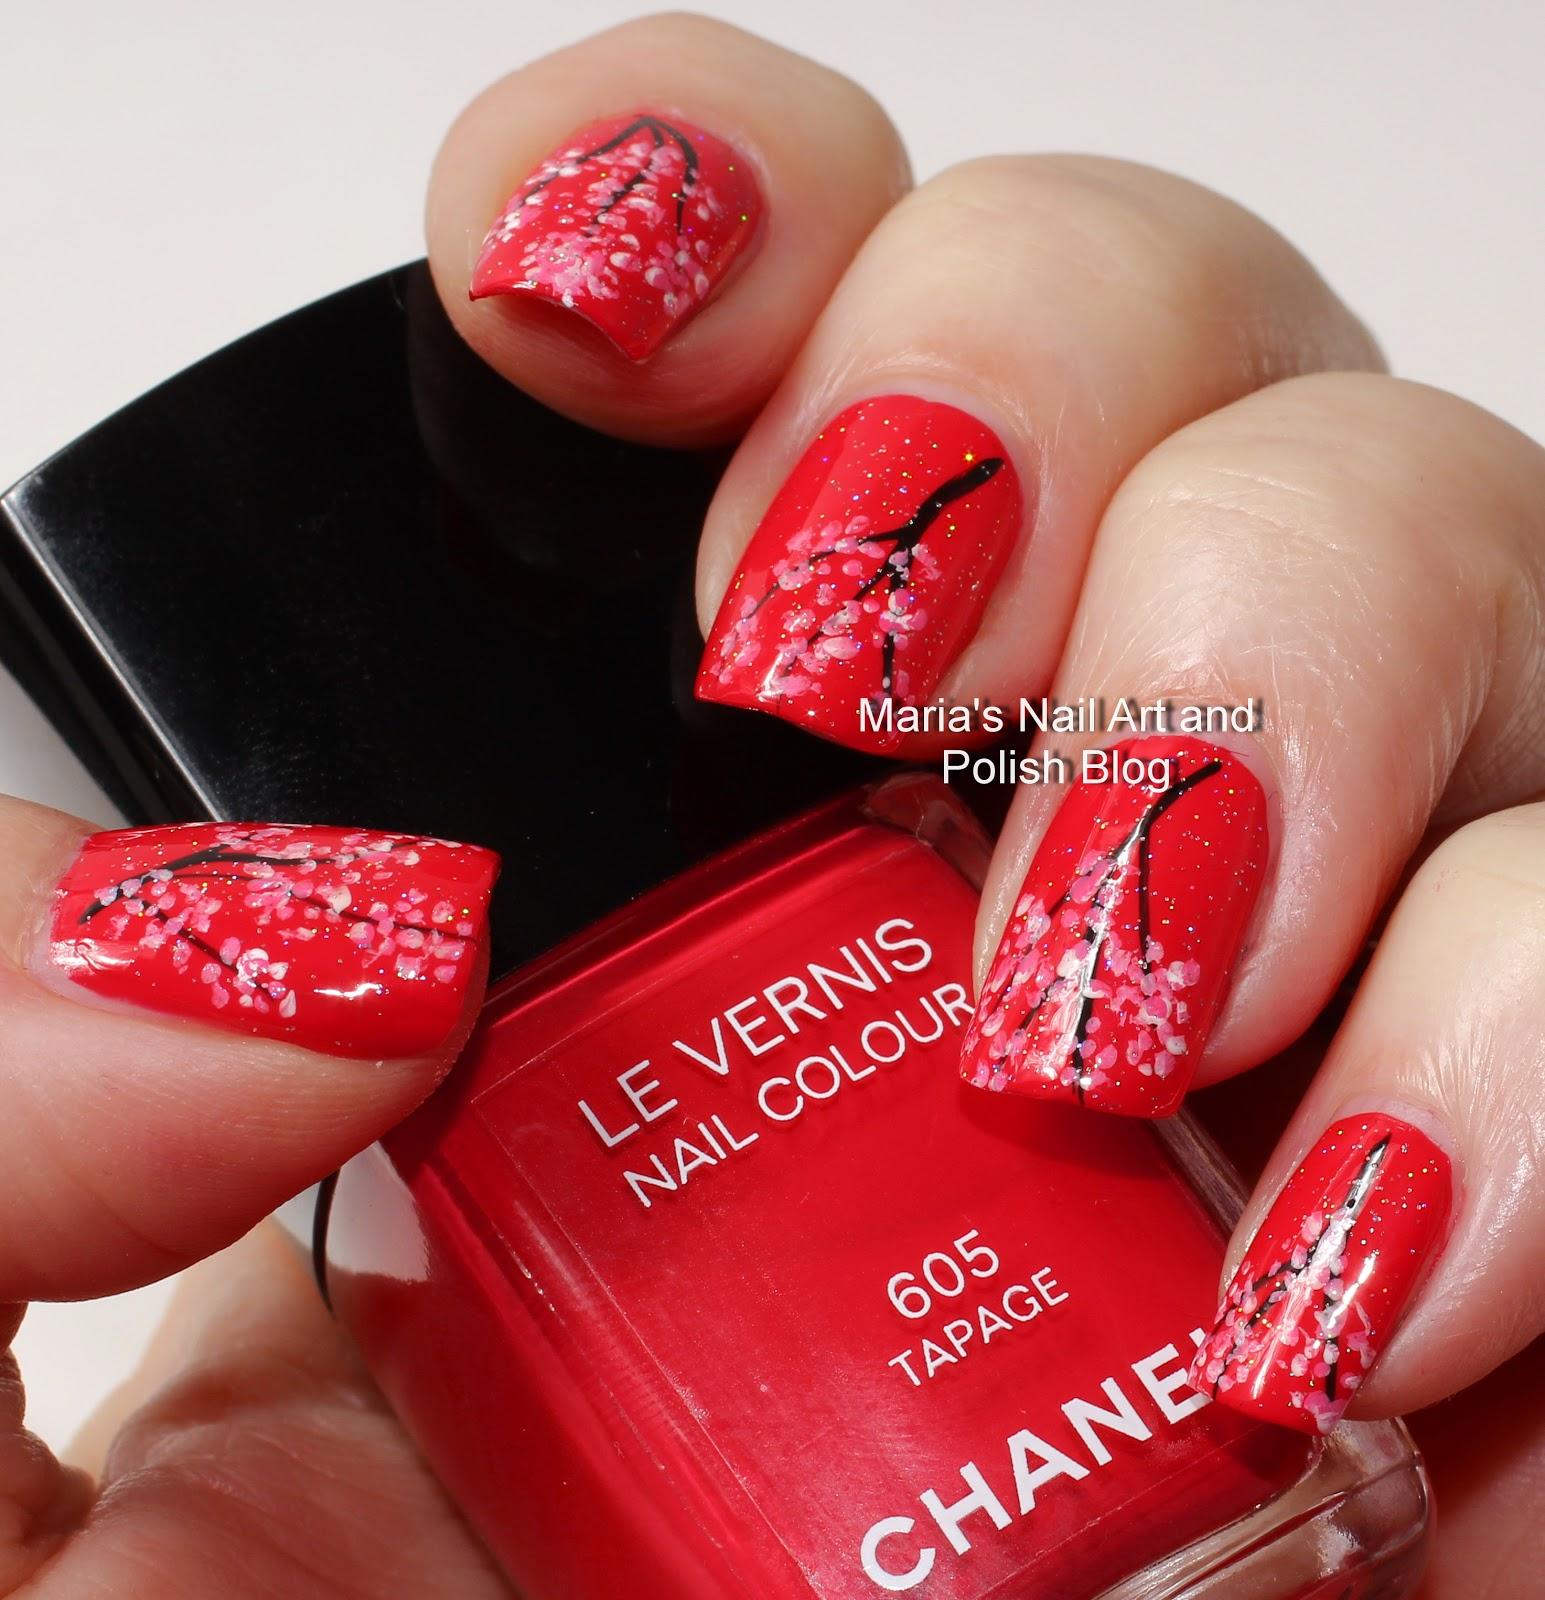 Marias Nail Art and Polish Blog: Tapage cherry blossom ...